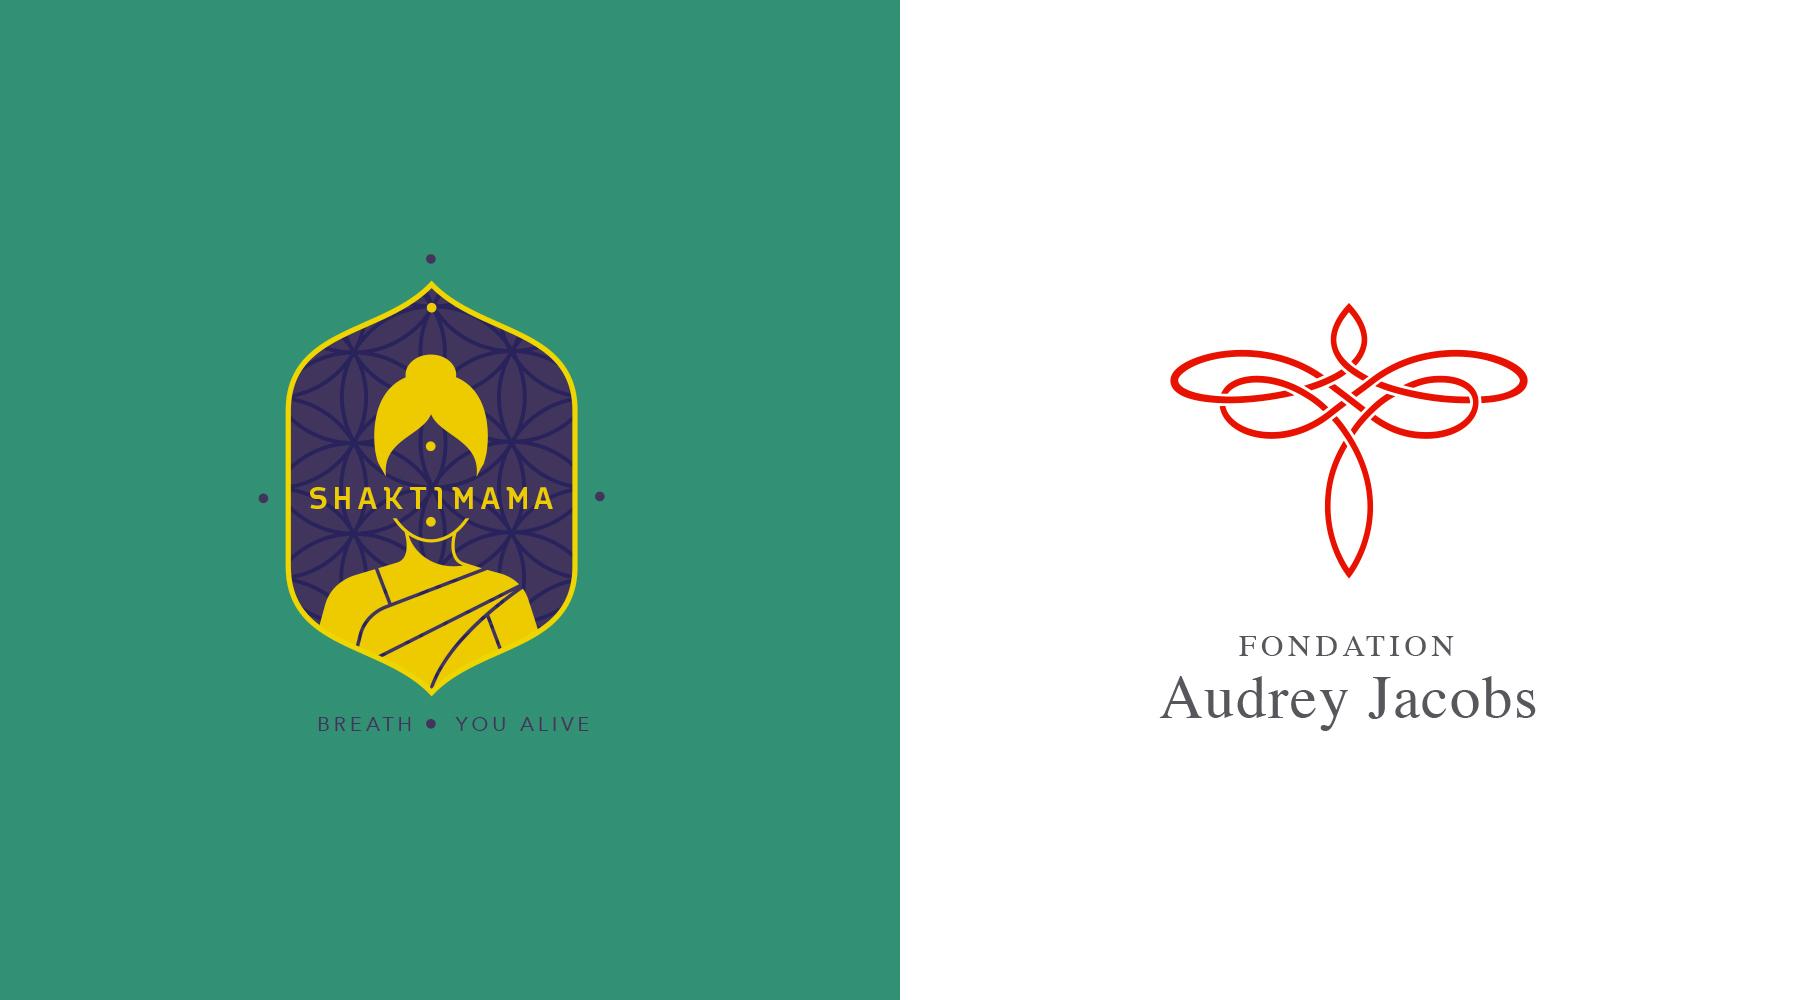 Logo Audrey Jacobs, Shaktimama